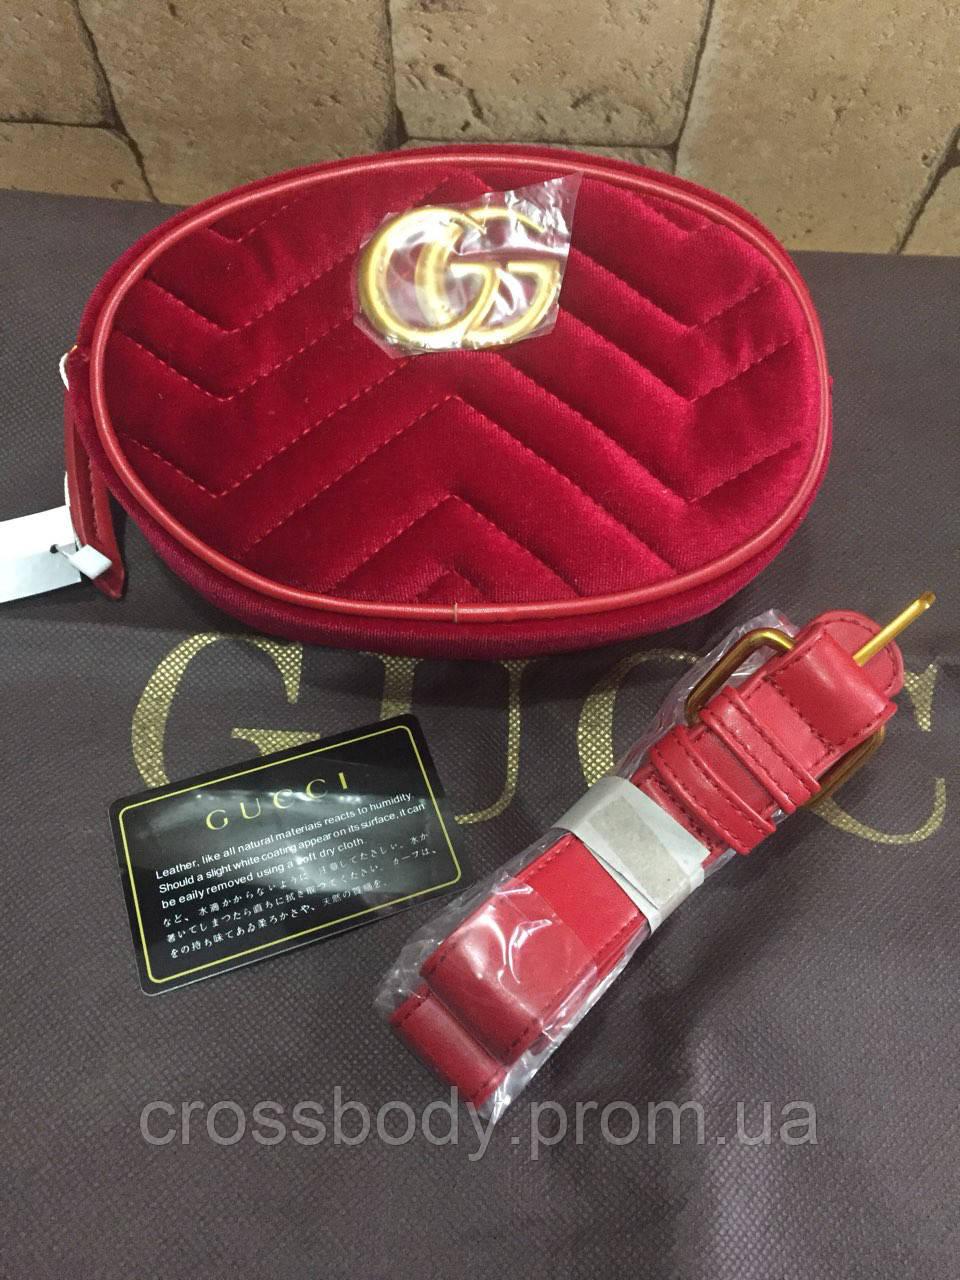 d06f9c28d910 Женская сумка клатч Gucci замша в стиле: продажа, цена в Львове ...